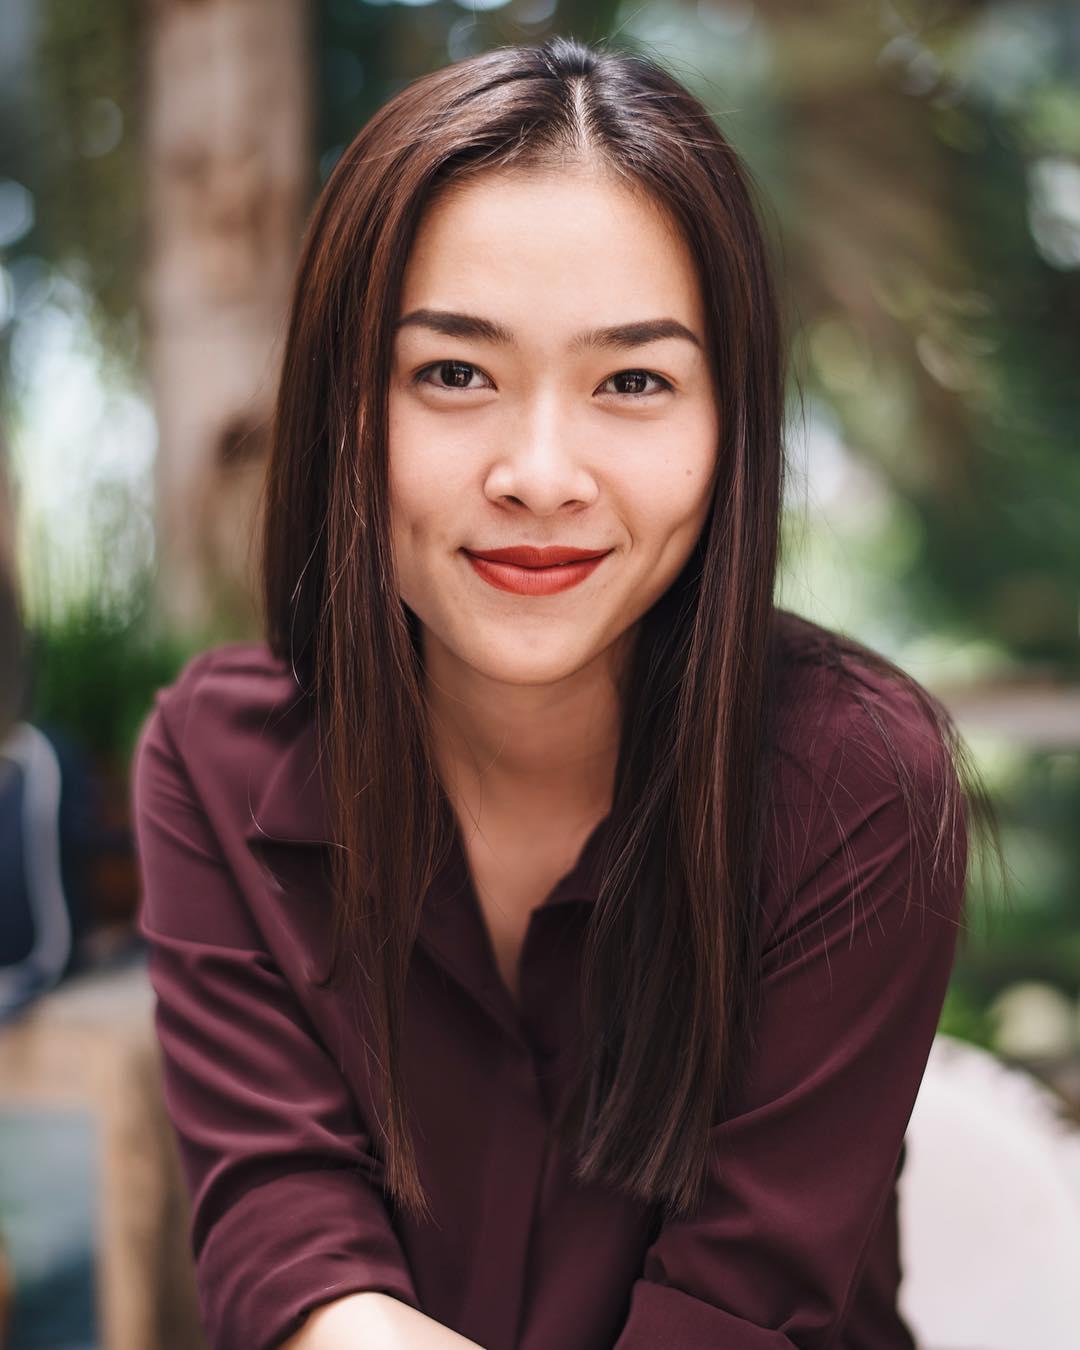 Tin sao Việt 30/9: Lâm Vinh Hải triết lý cuộc sống sau những đổ vỡ đời tư-5